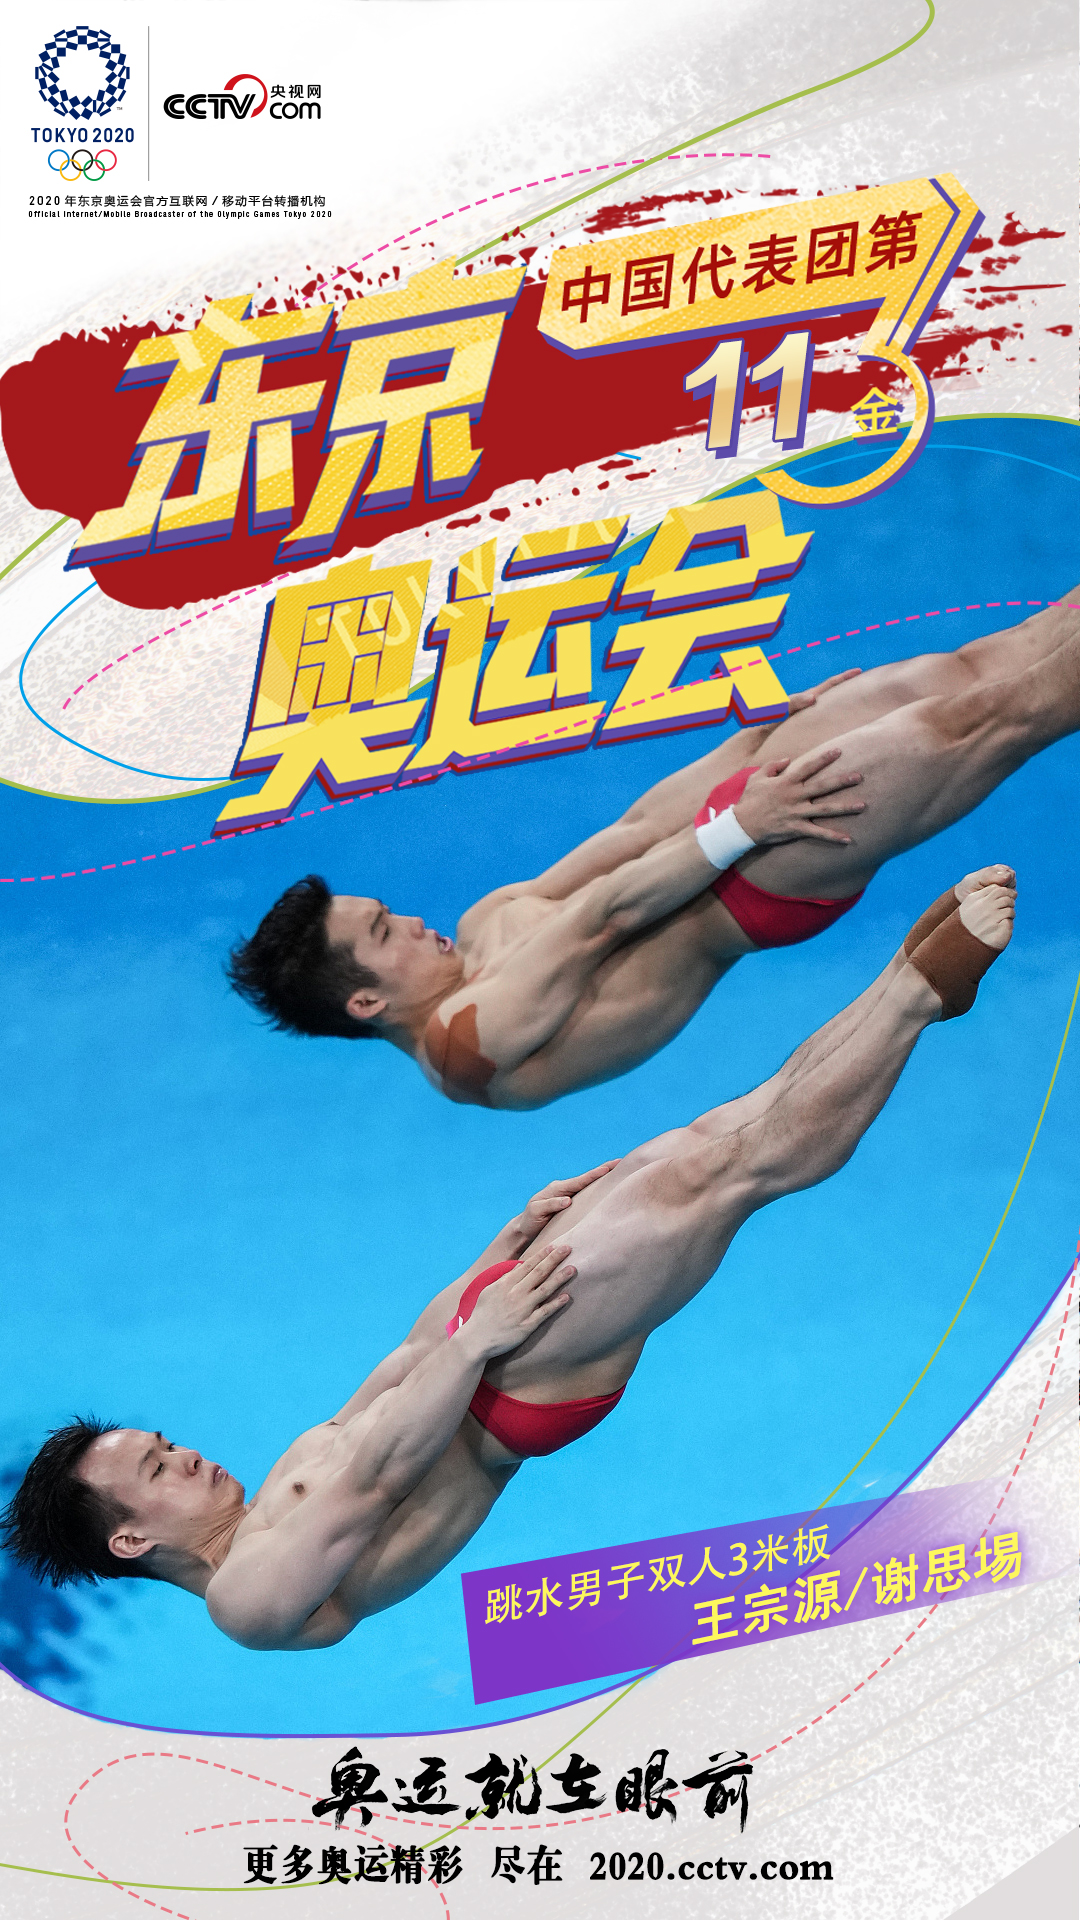 第11金!谢思埸/王宗源获得跳水男子双人3米板冠军